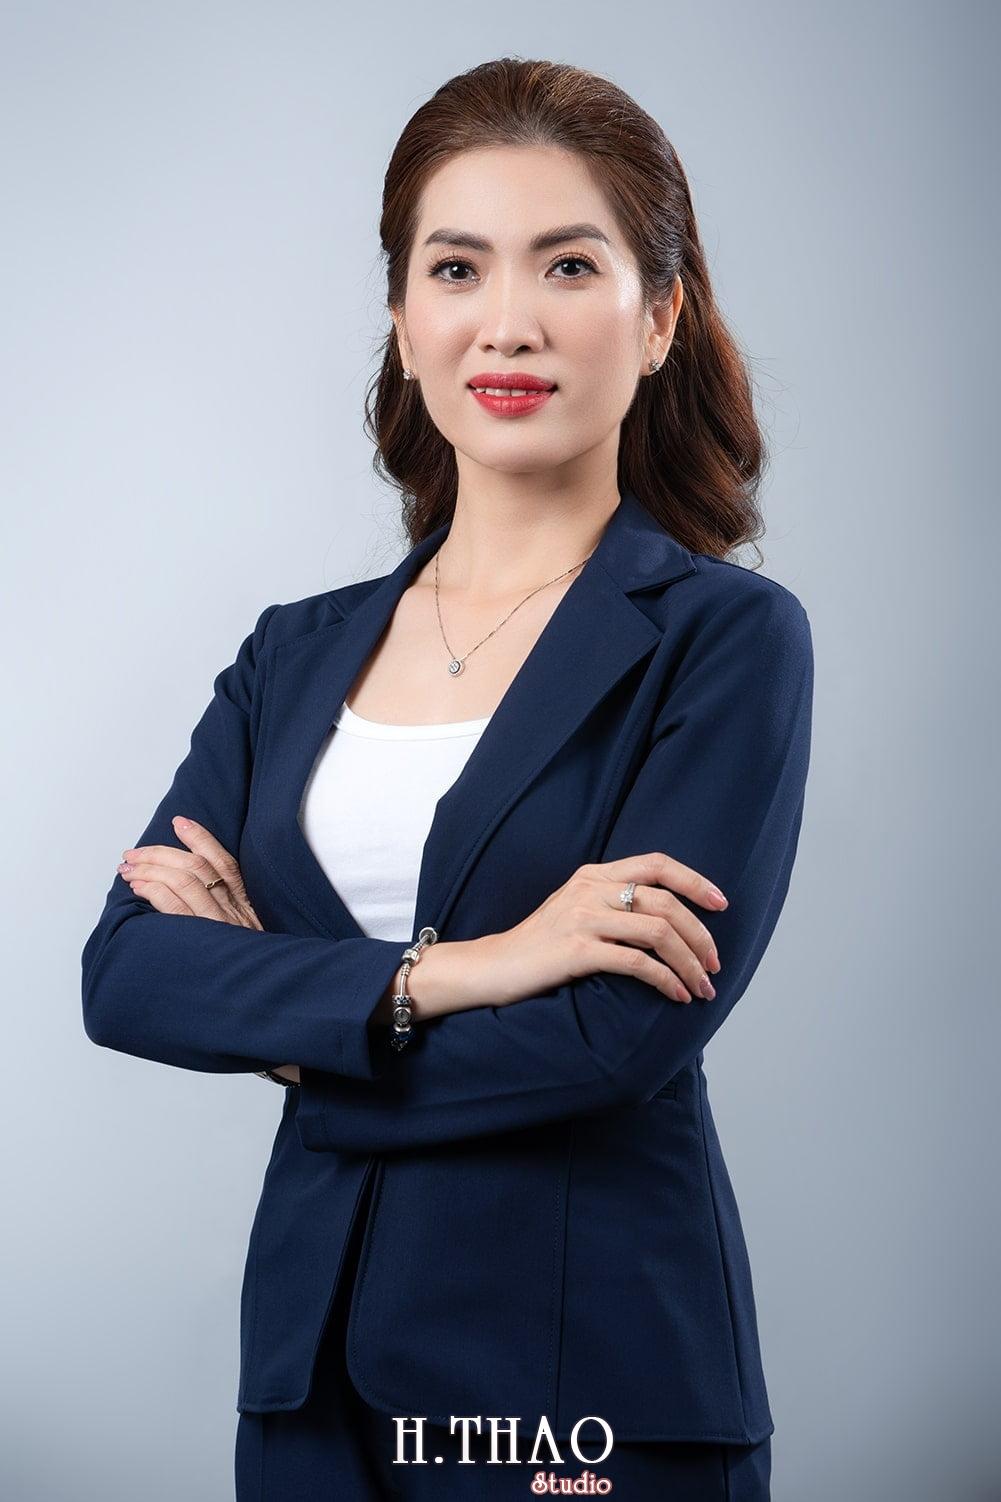 ảnh profile cá nhân nữ